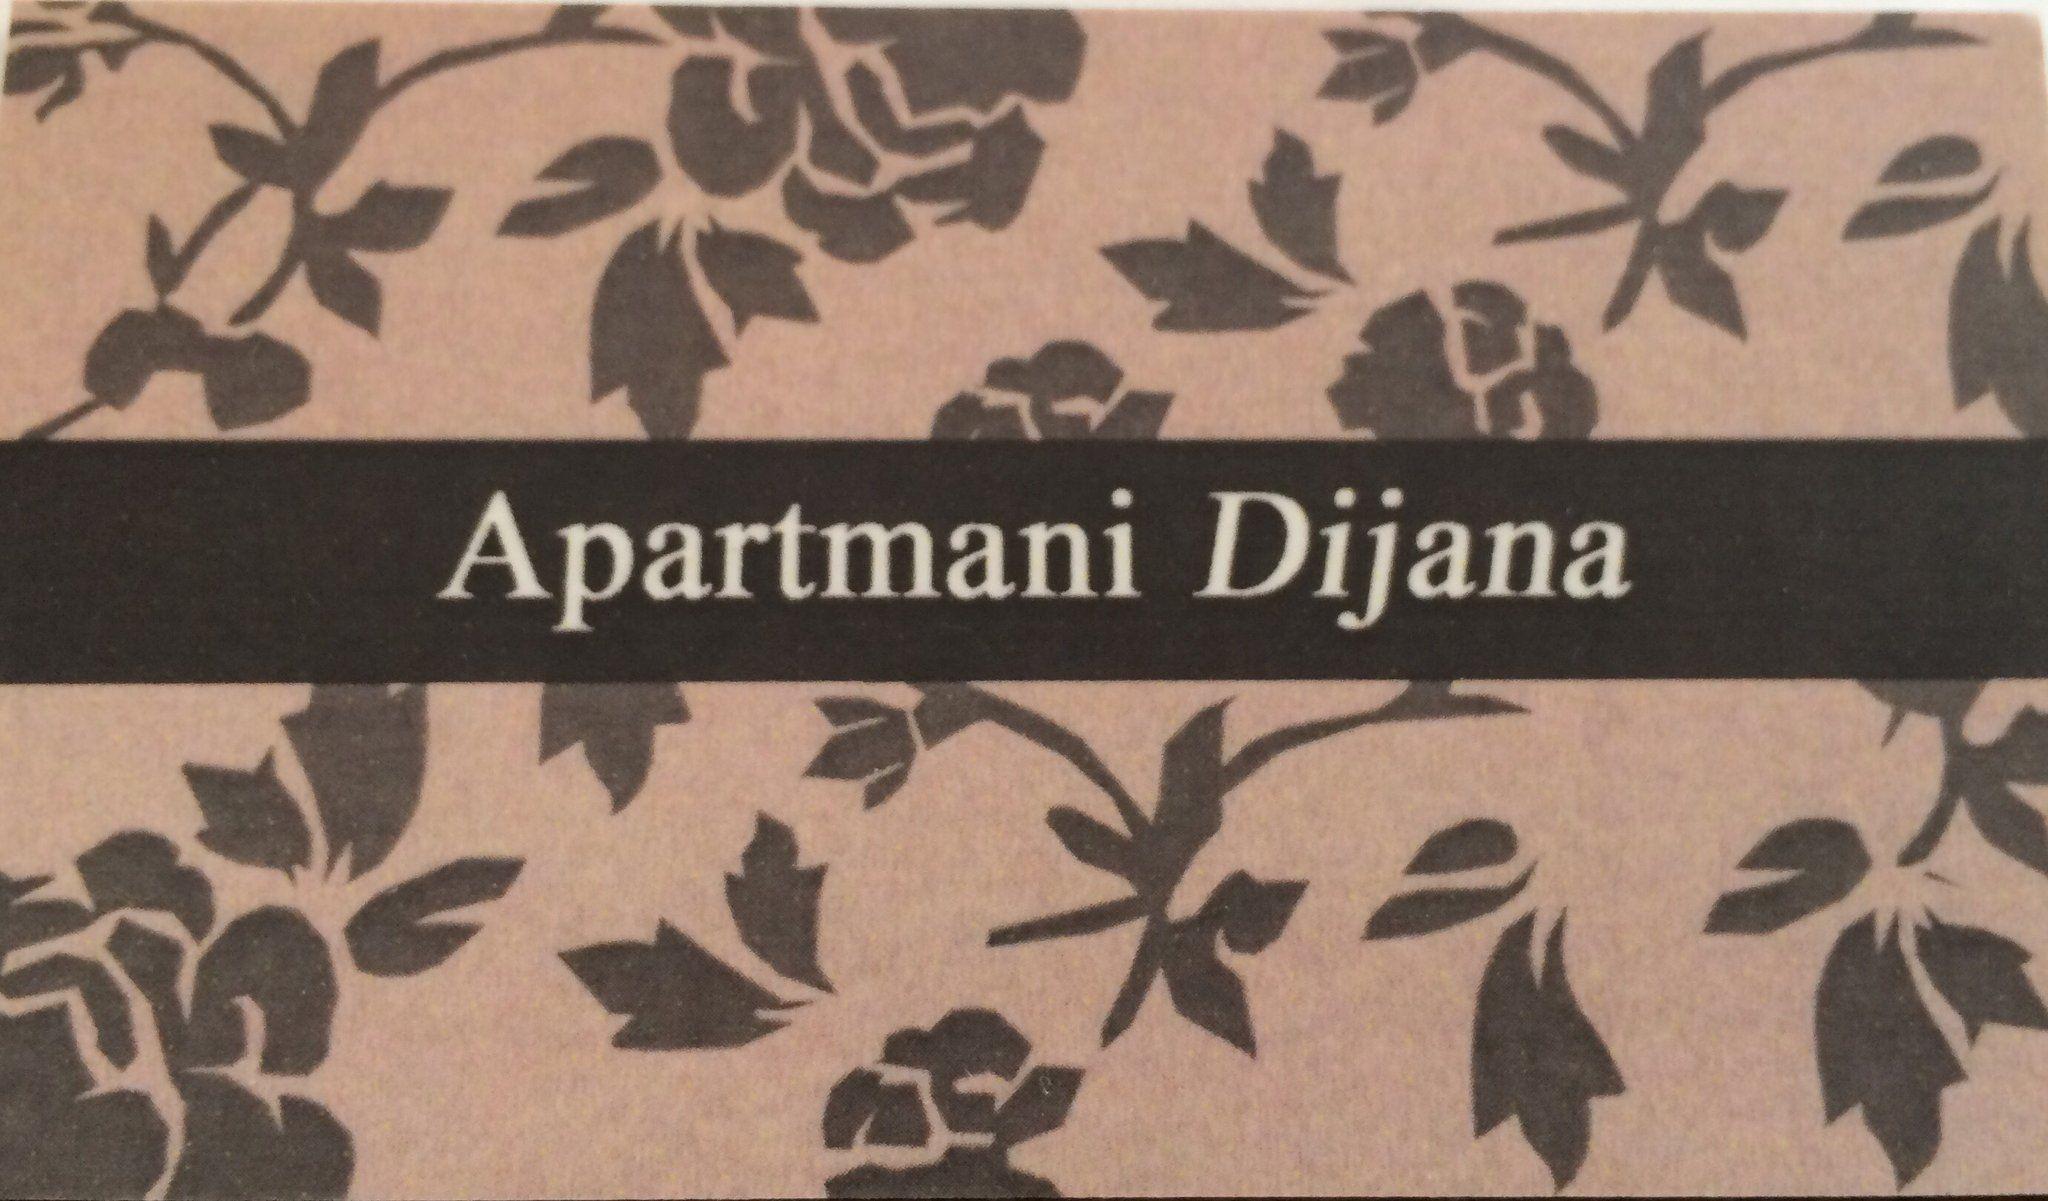 蒙特佩拉公寓